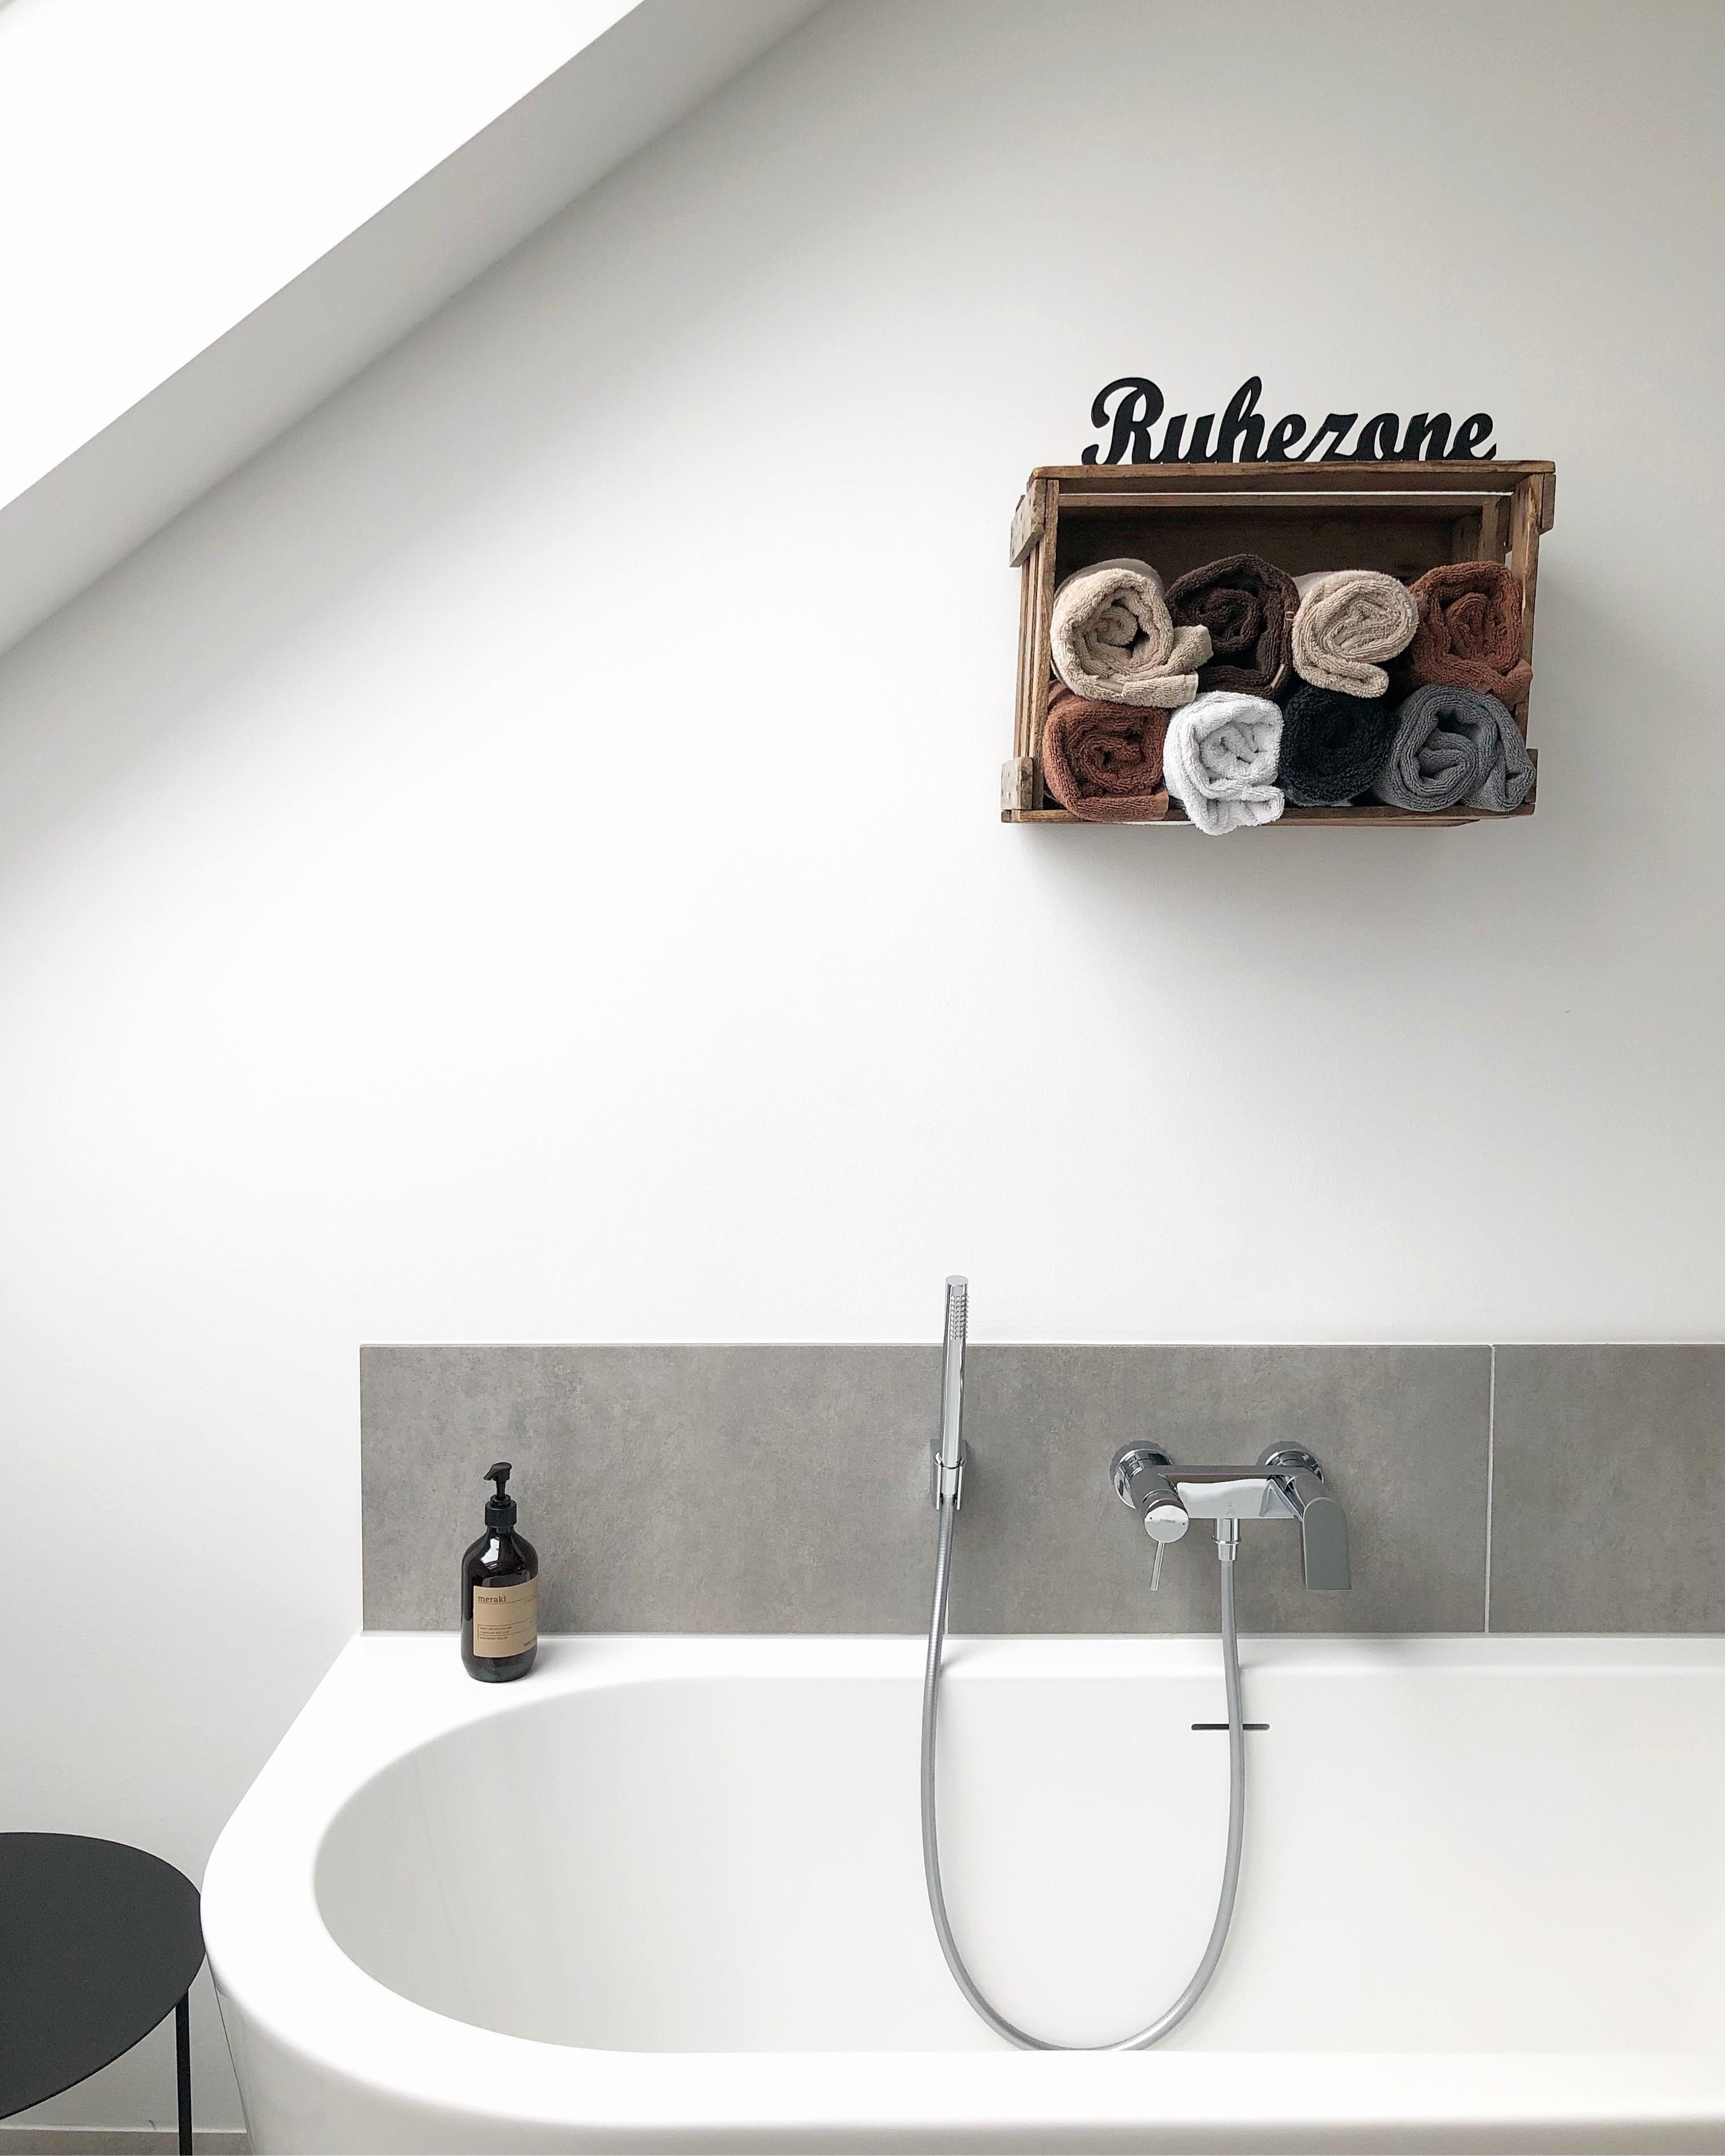 45 Wunderschon Badezimmer Aufbewahrung Badewanne Fur Insiprationen Badezimmer Badewanne Badezimmer Aufbewahrung